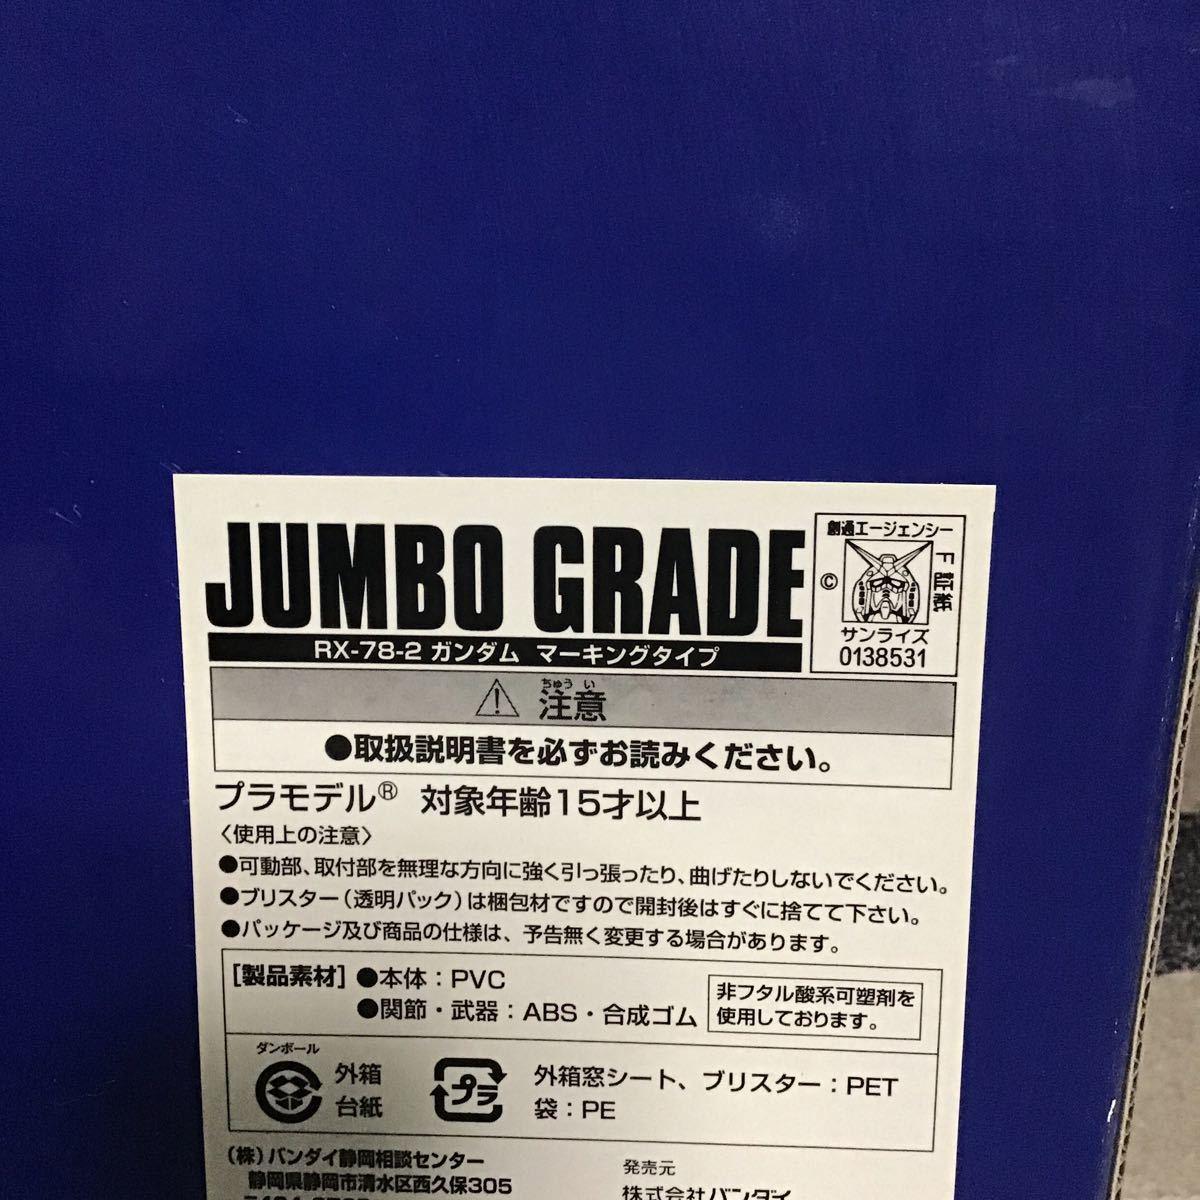 新品 JUMBO GRADE RX-78-2 ガンダム マーキングタイプ ジャンボグレード特別仕様 bandai figureプラモデル ソフビ バンダイ レア 特大 人形